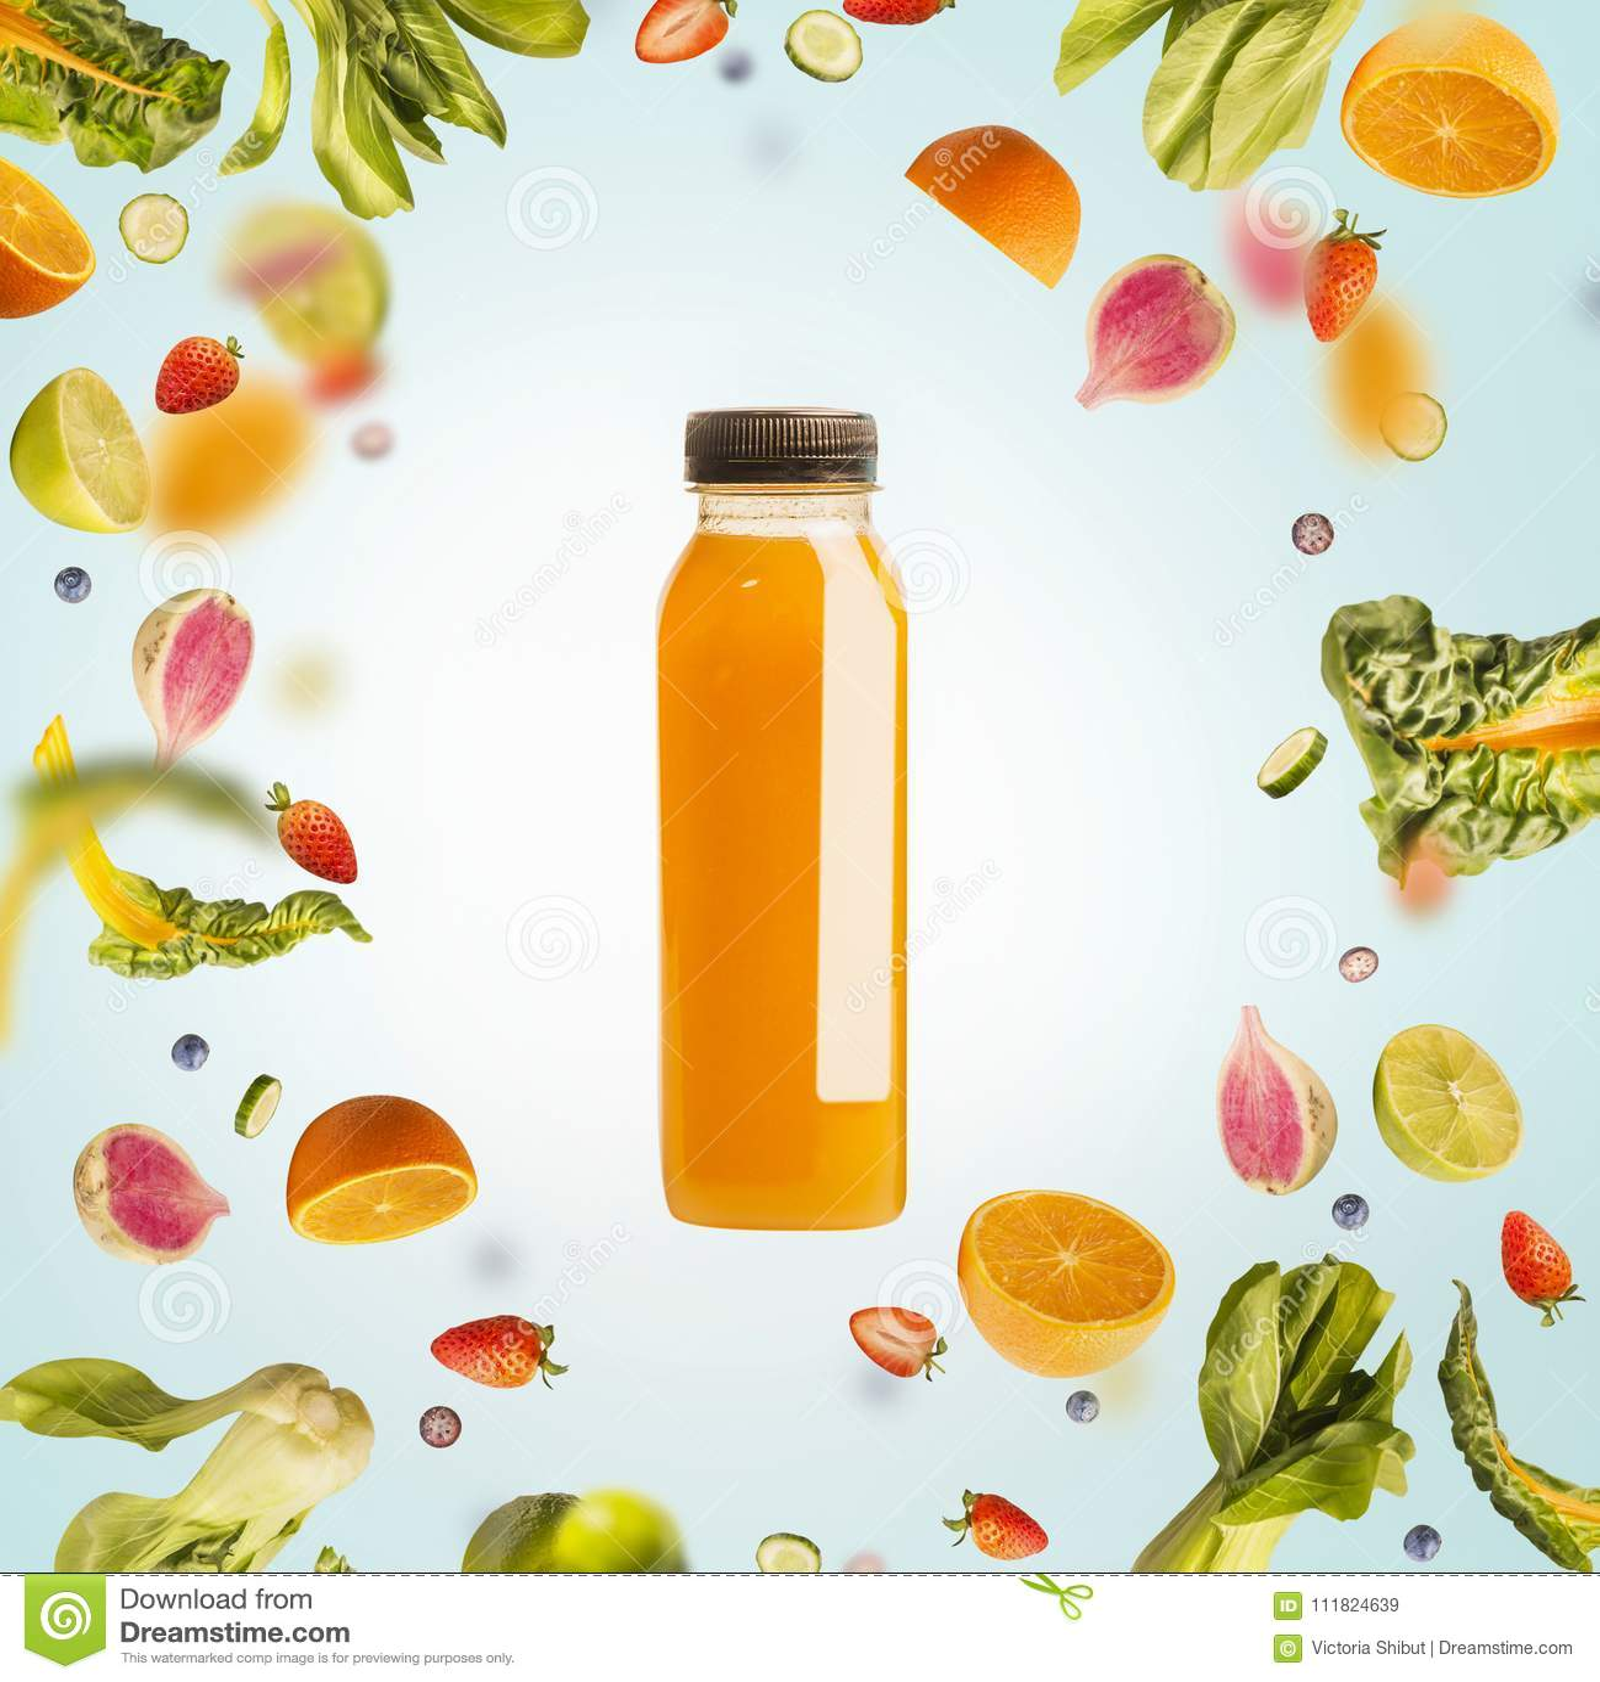 Κίτρινο μπουκάλι καταφερτζήδων ή χυμού με τα πετώντας ή μειωμένα συστατικά: εσπεριδοειδή, πορτοκάλια και μούρα στο ανοικτό μπλε υ